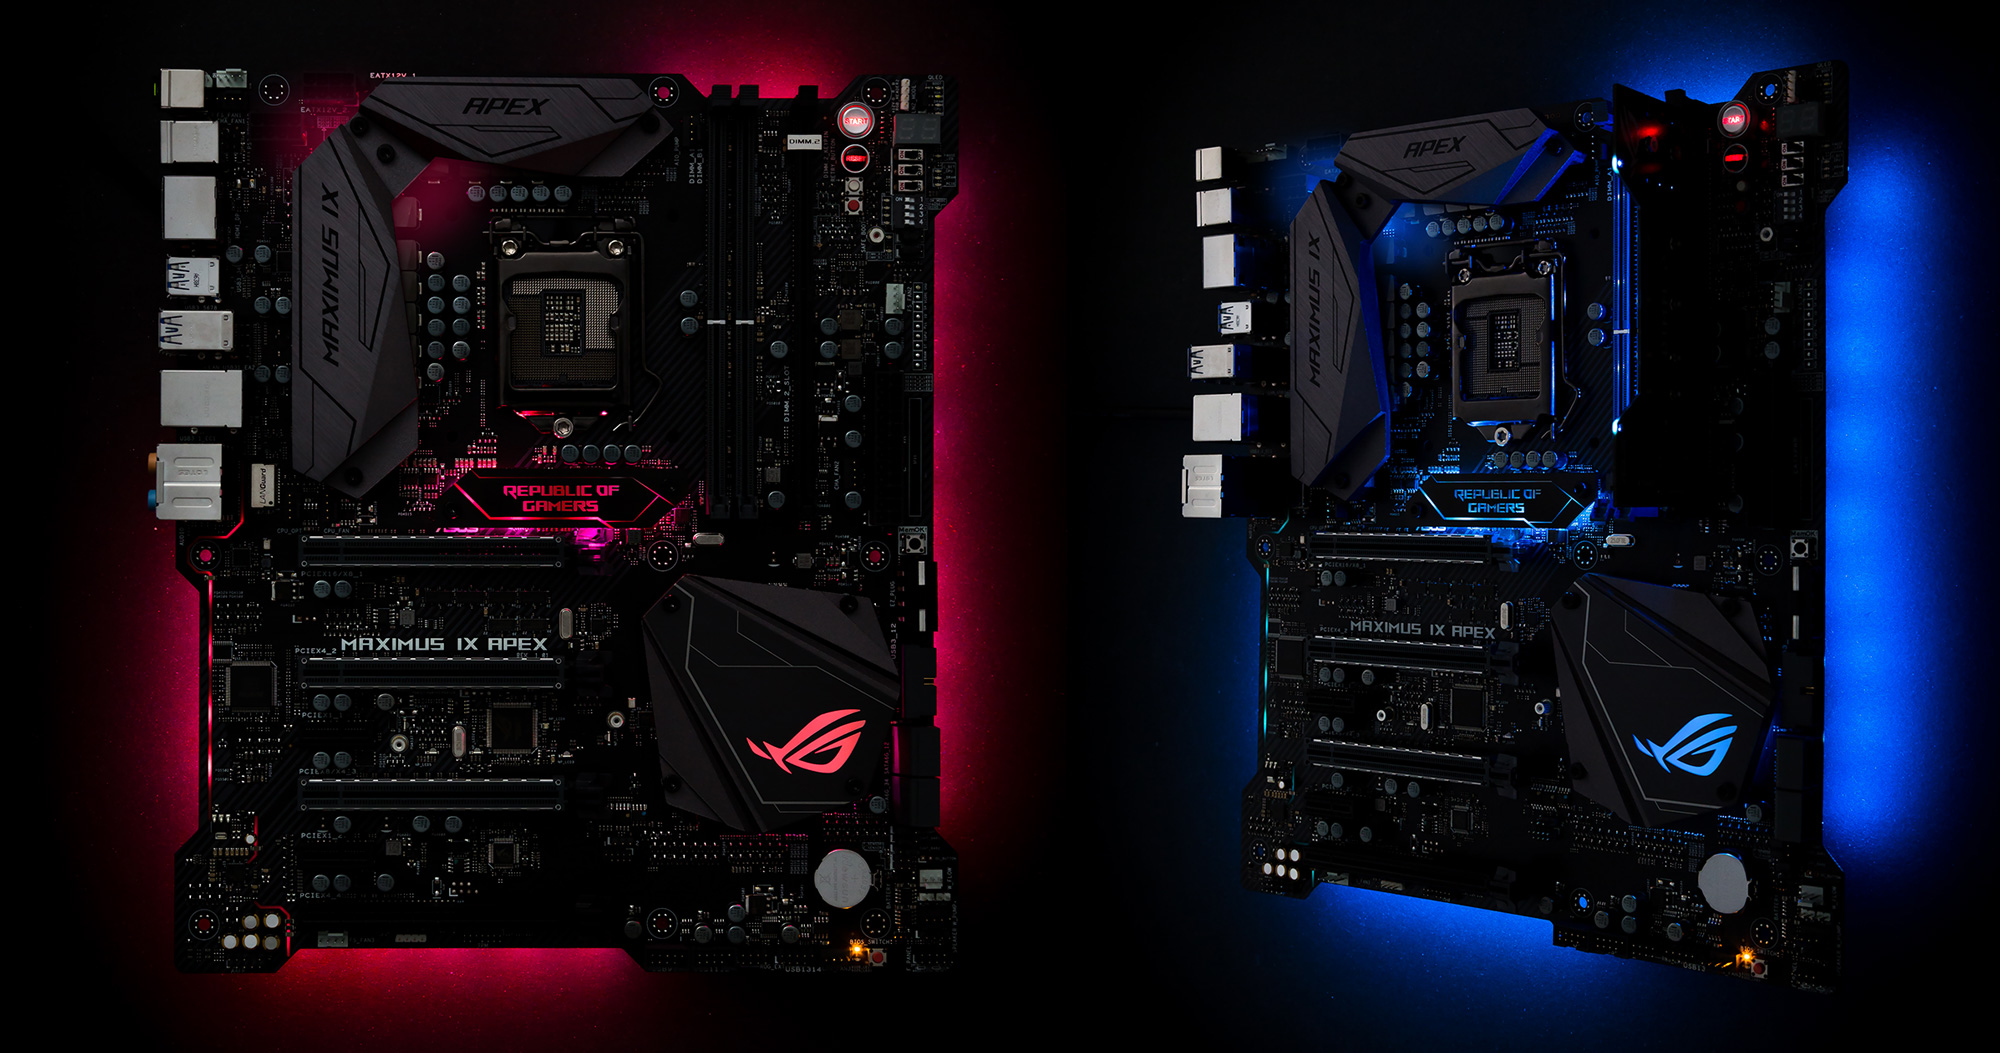 ROG Maximus IX Apex Estas son las nuevas motherboards Z270 de ASUS